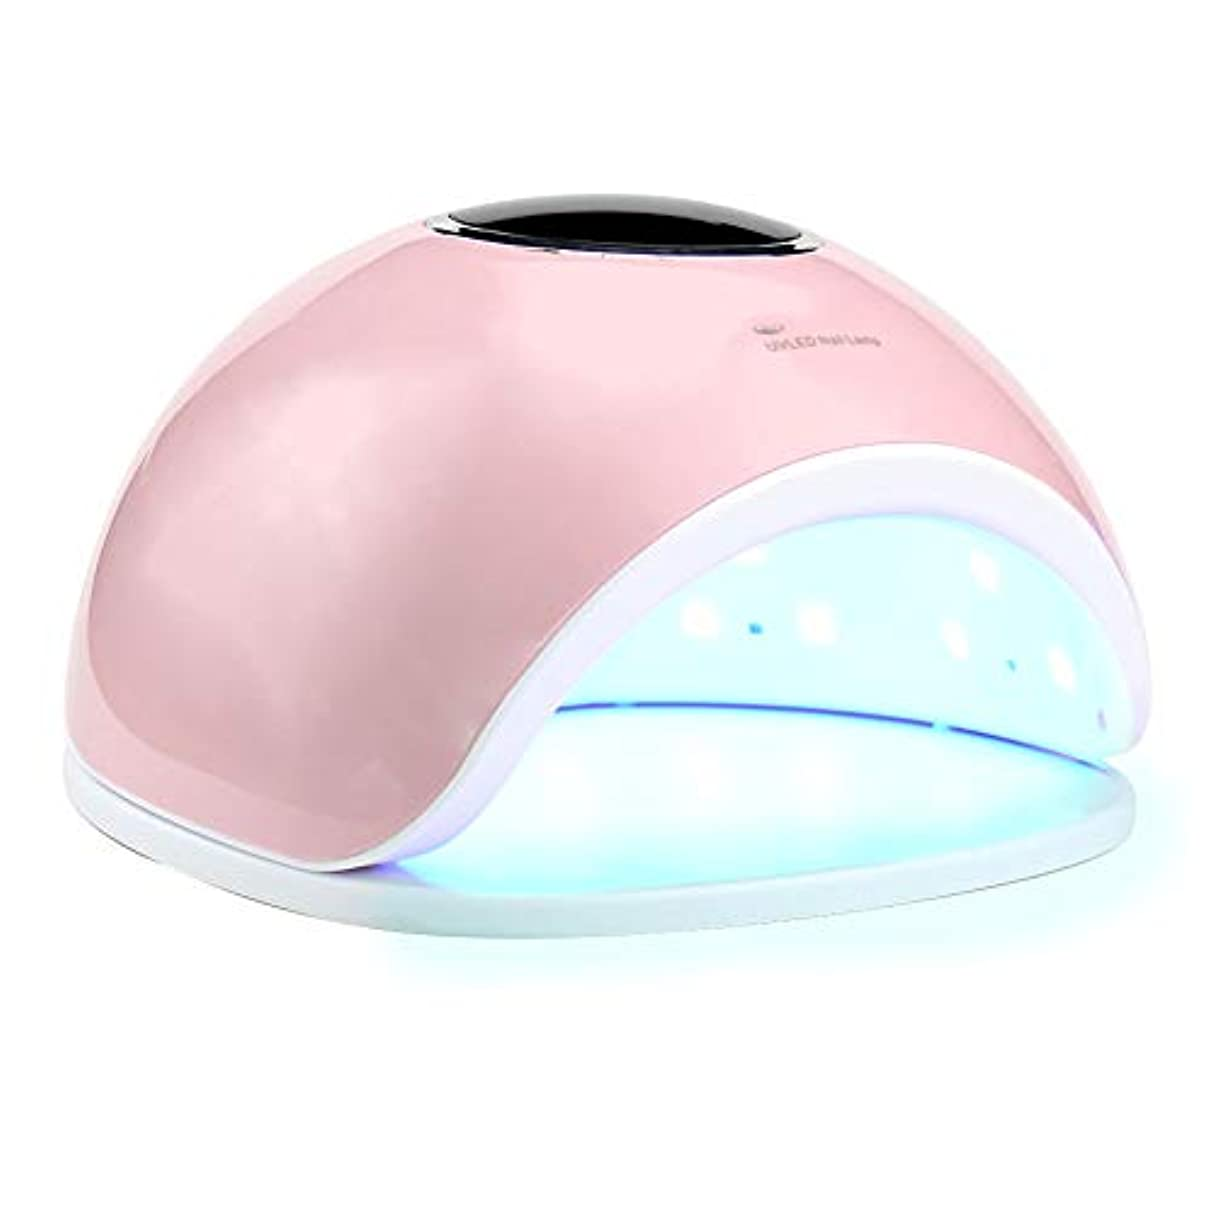 方法画面奴隷ネイルドライヤーポータブルネイルライト - ネイル光線療法機33ランプビーズ液晶ディスプレイ無痛モード4タイミング,Pink